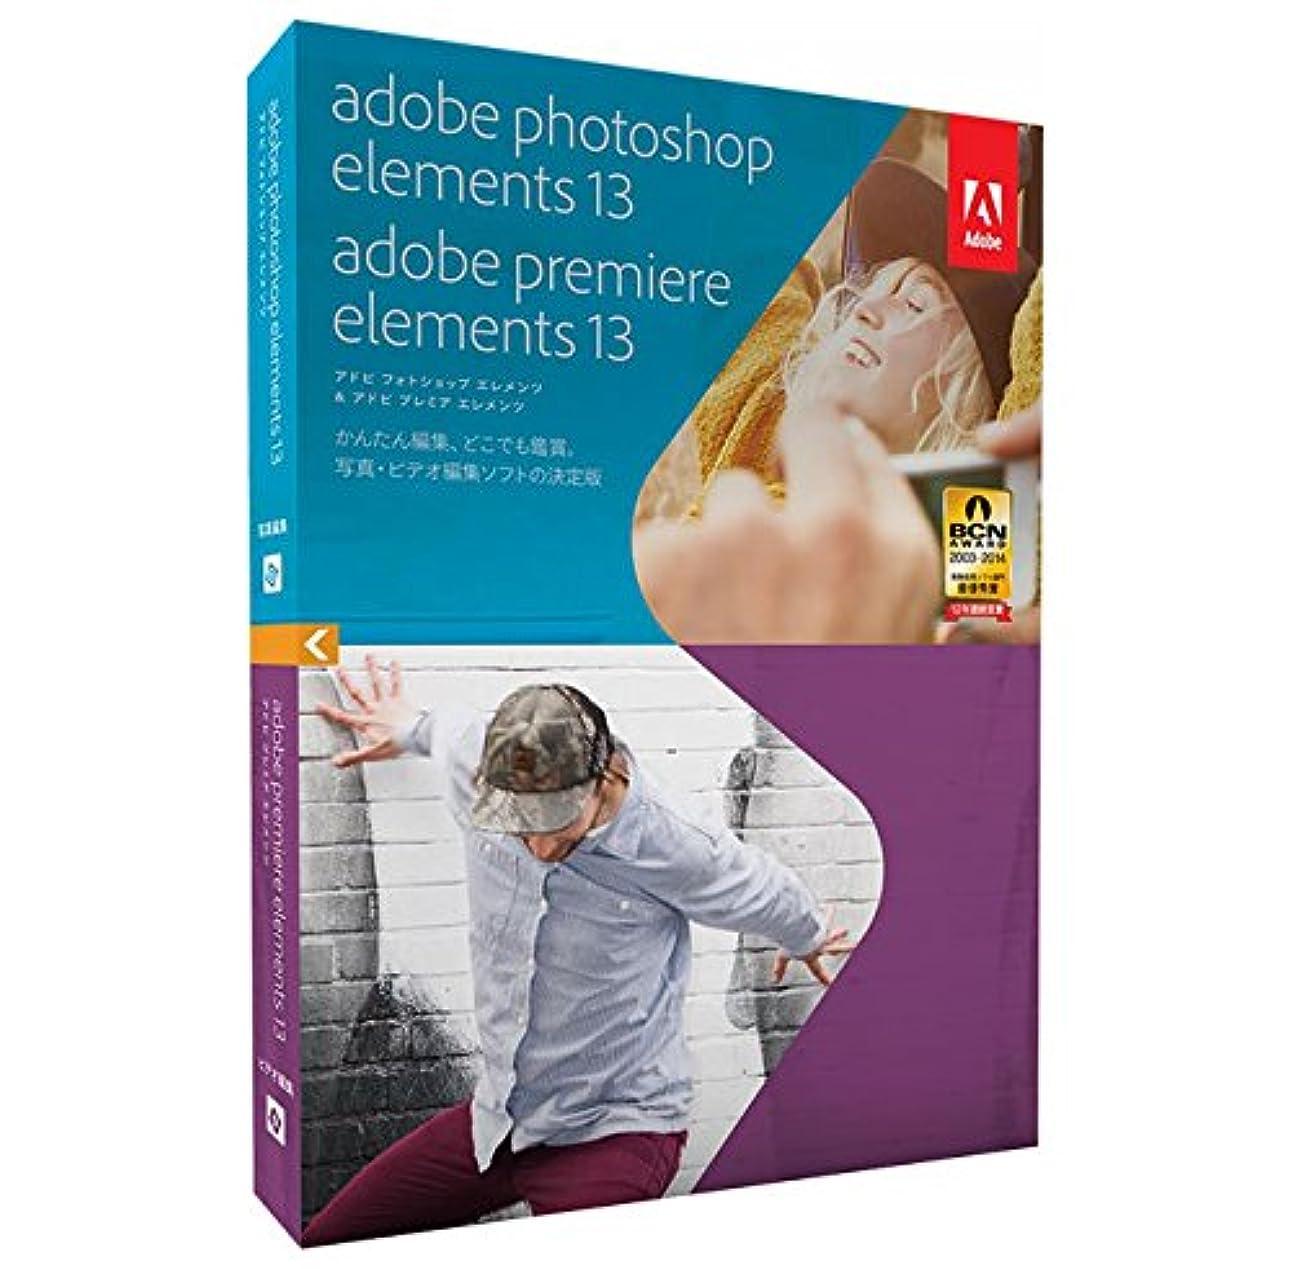 シットコム二十スラッシュAdobe Photoshop Elements 13 & Premiere Elements 13 Windows/Macintosh版(Elements 14への無償アップグレード対象商品 2015/12/24まで)